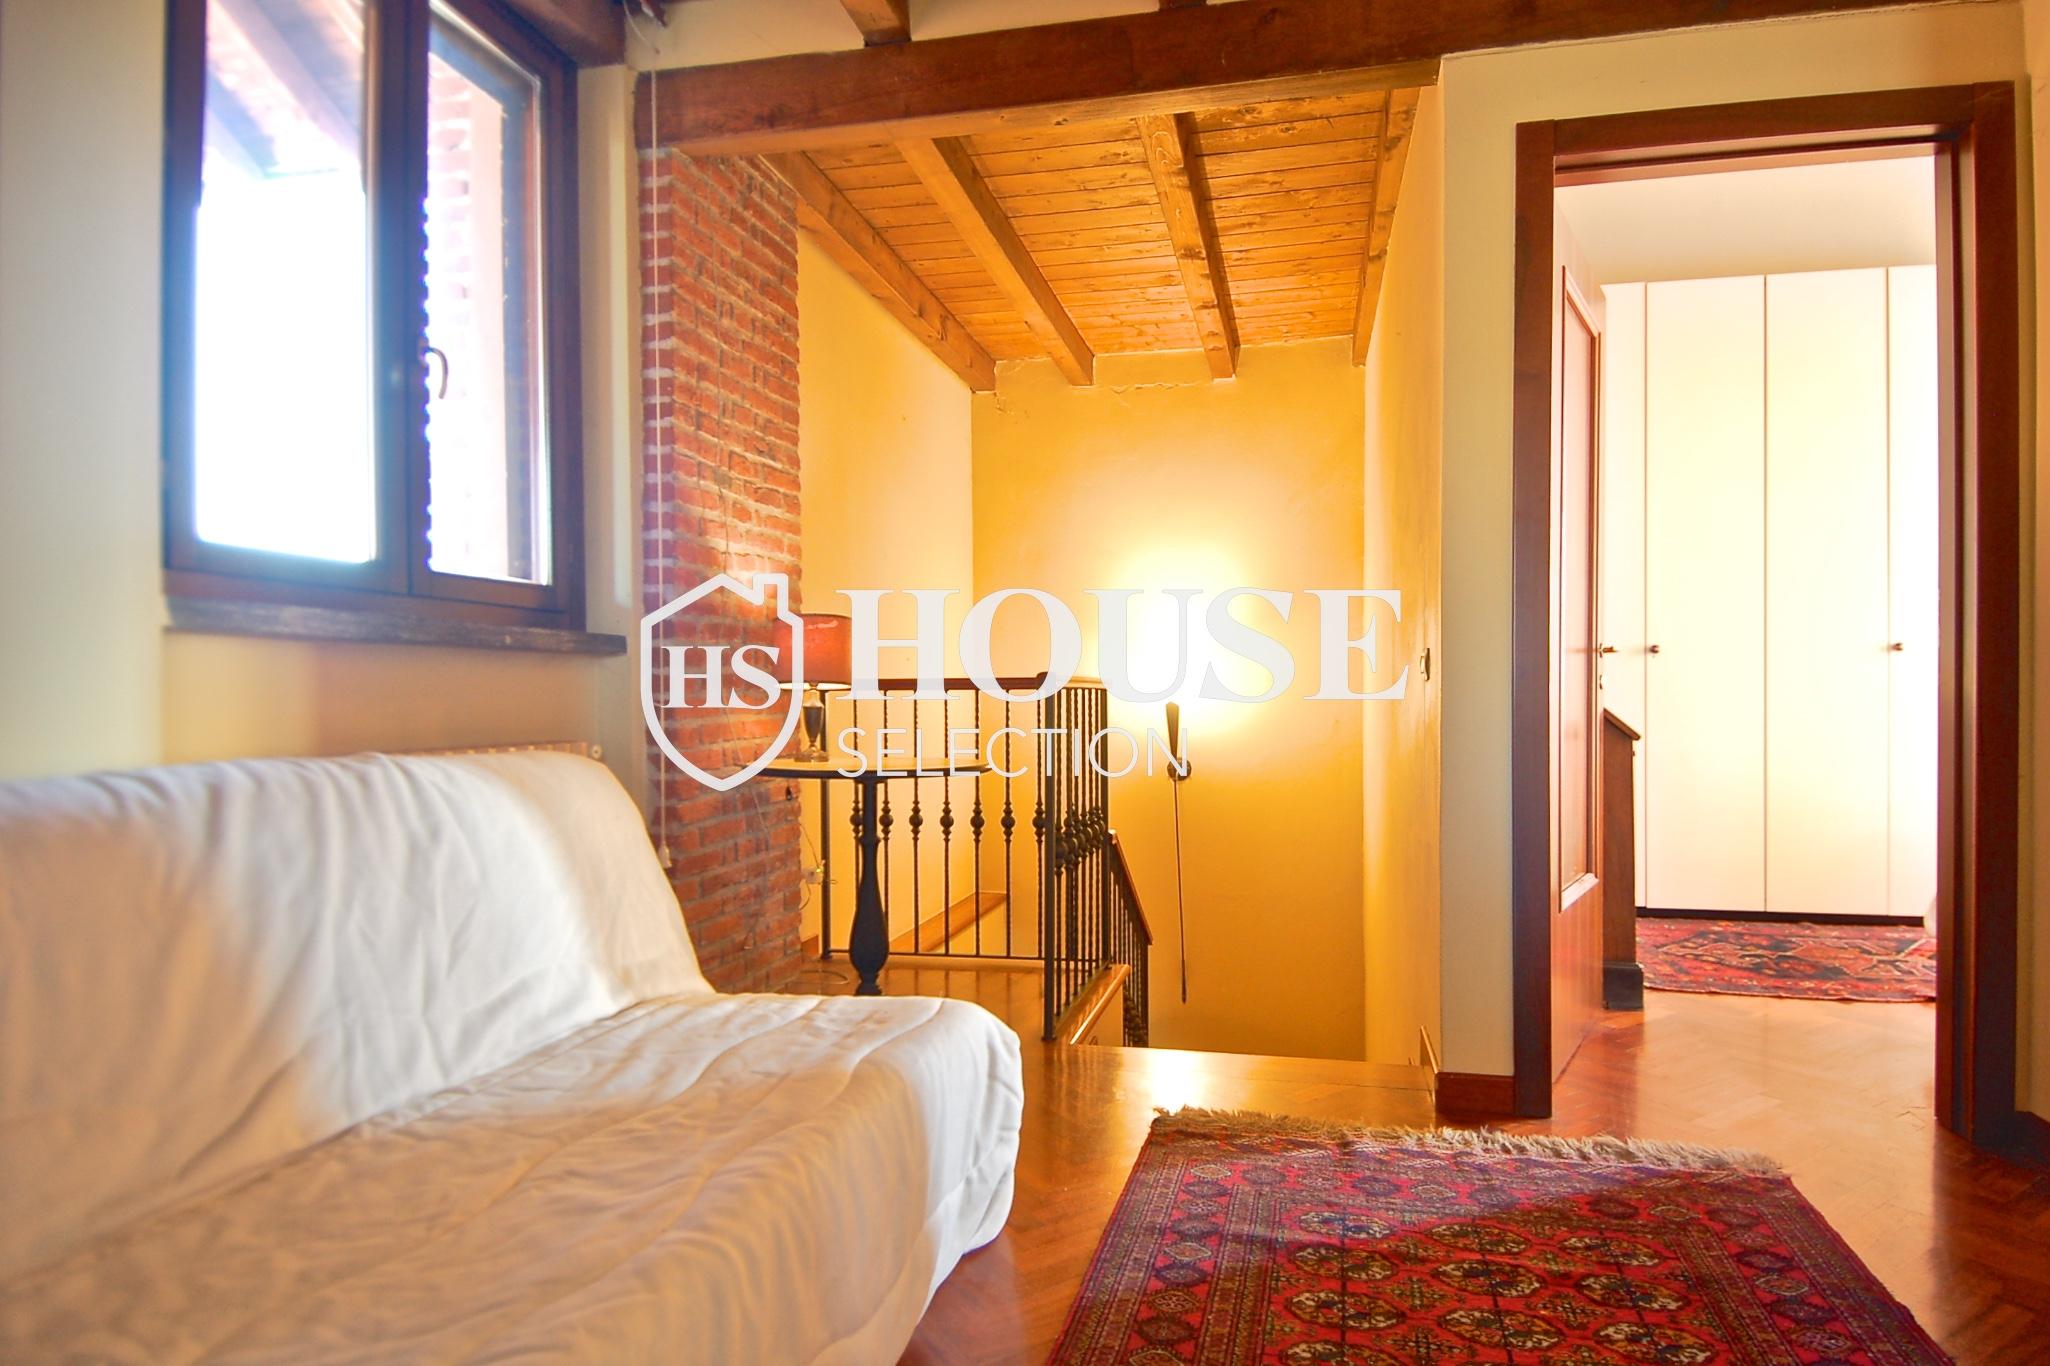 Affitto villa Basiglio, con giardino, ristrutturata, aria condizionata, corte interna, box auto, Milano 10